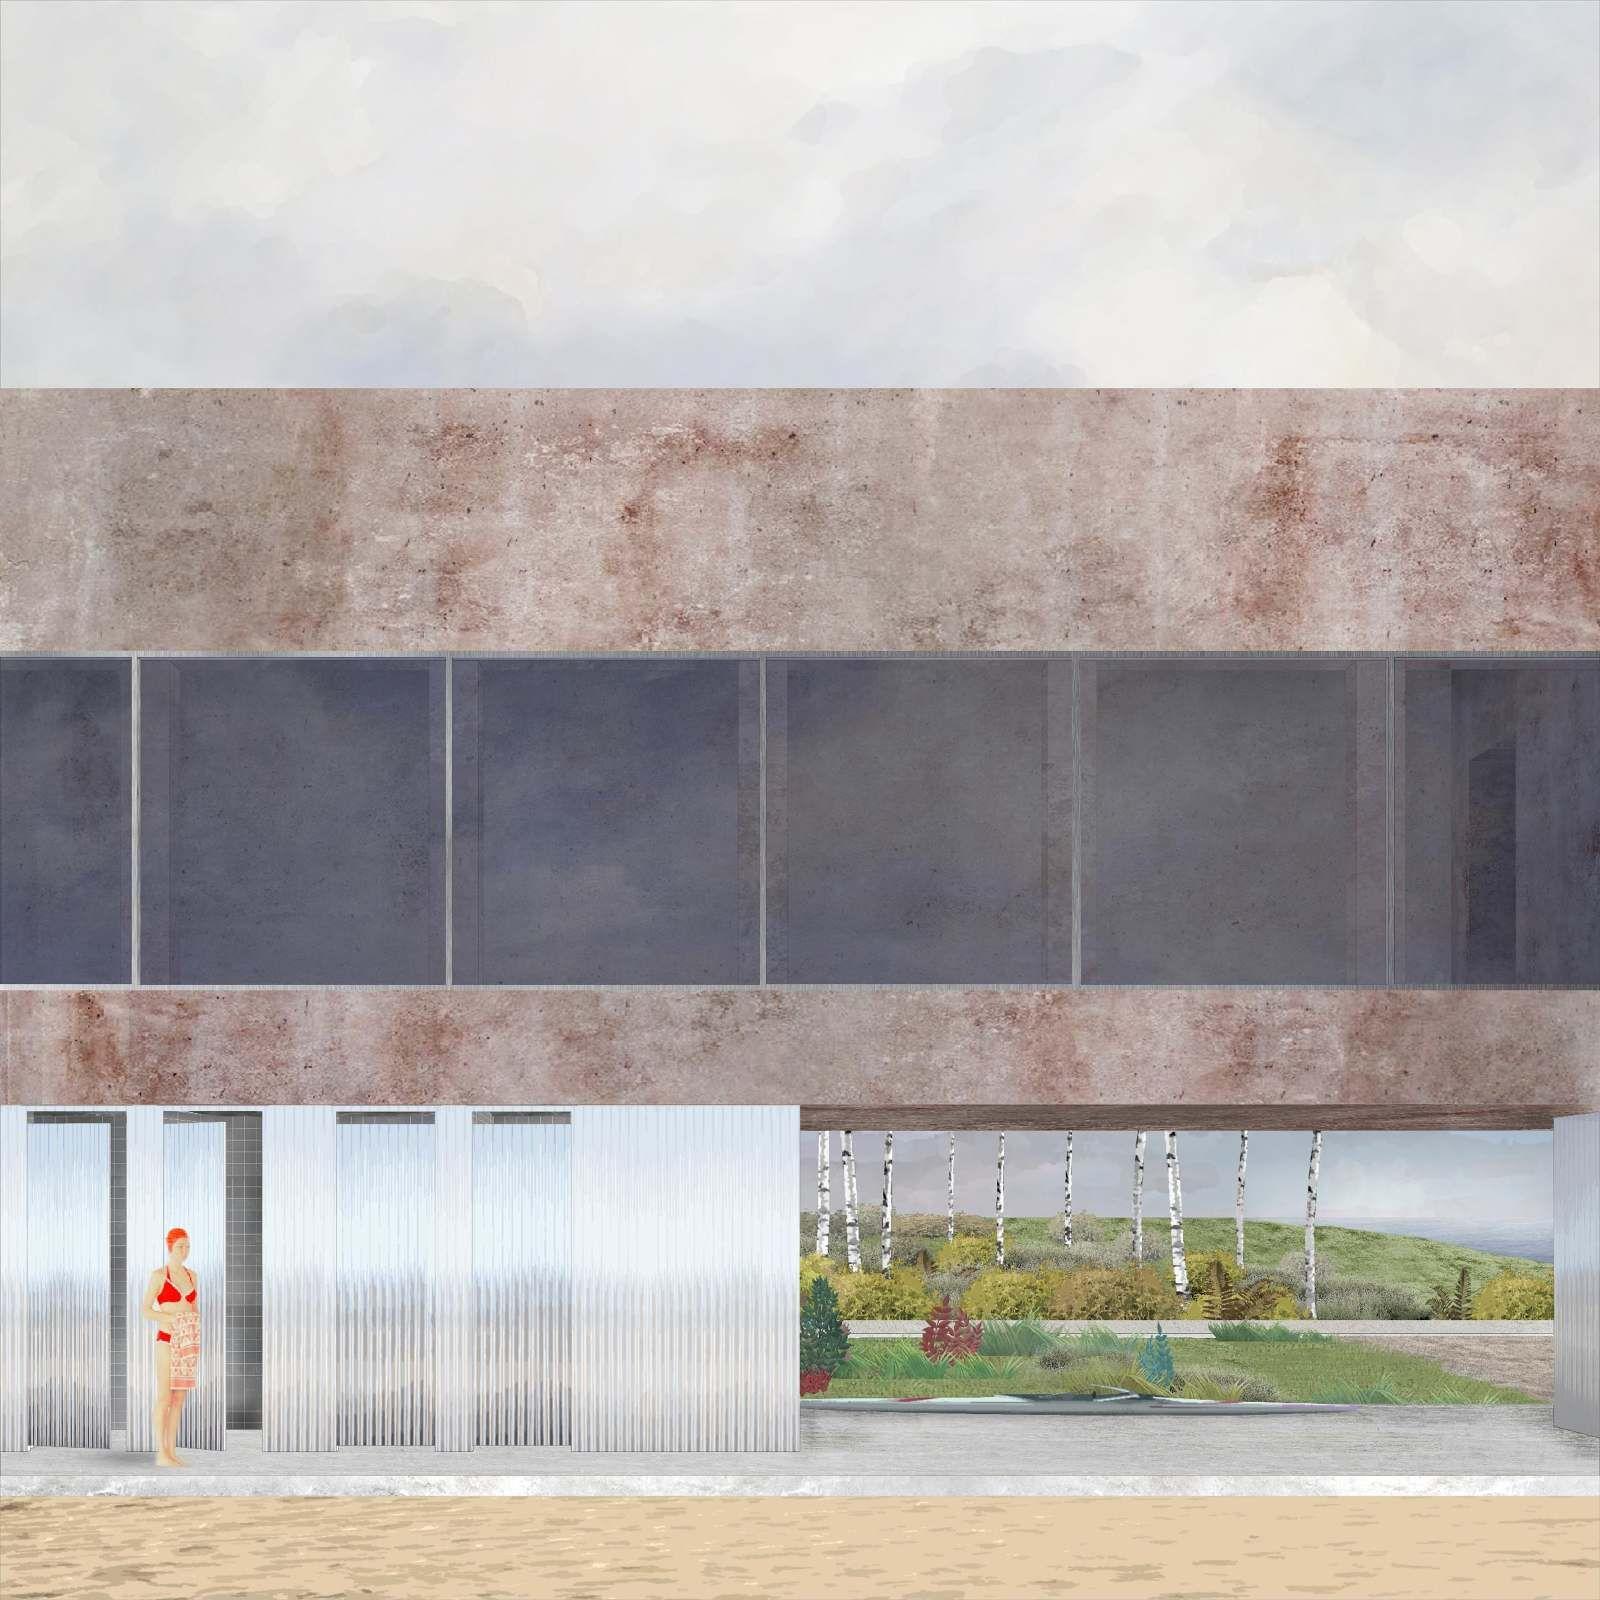 École D Architecture Clermont la mer et l'homme, grédiac, lacrocq, rouchet & savitchev